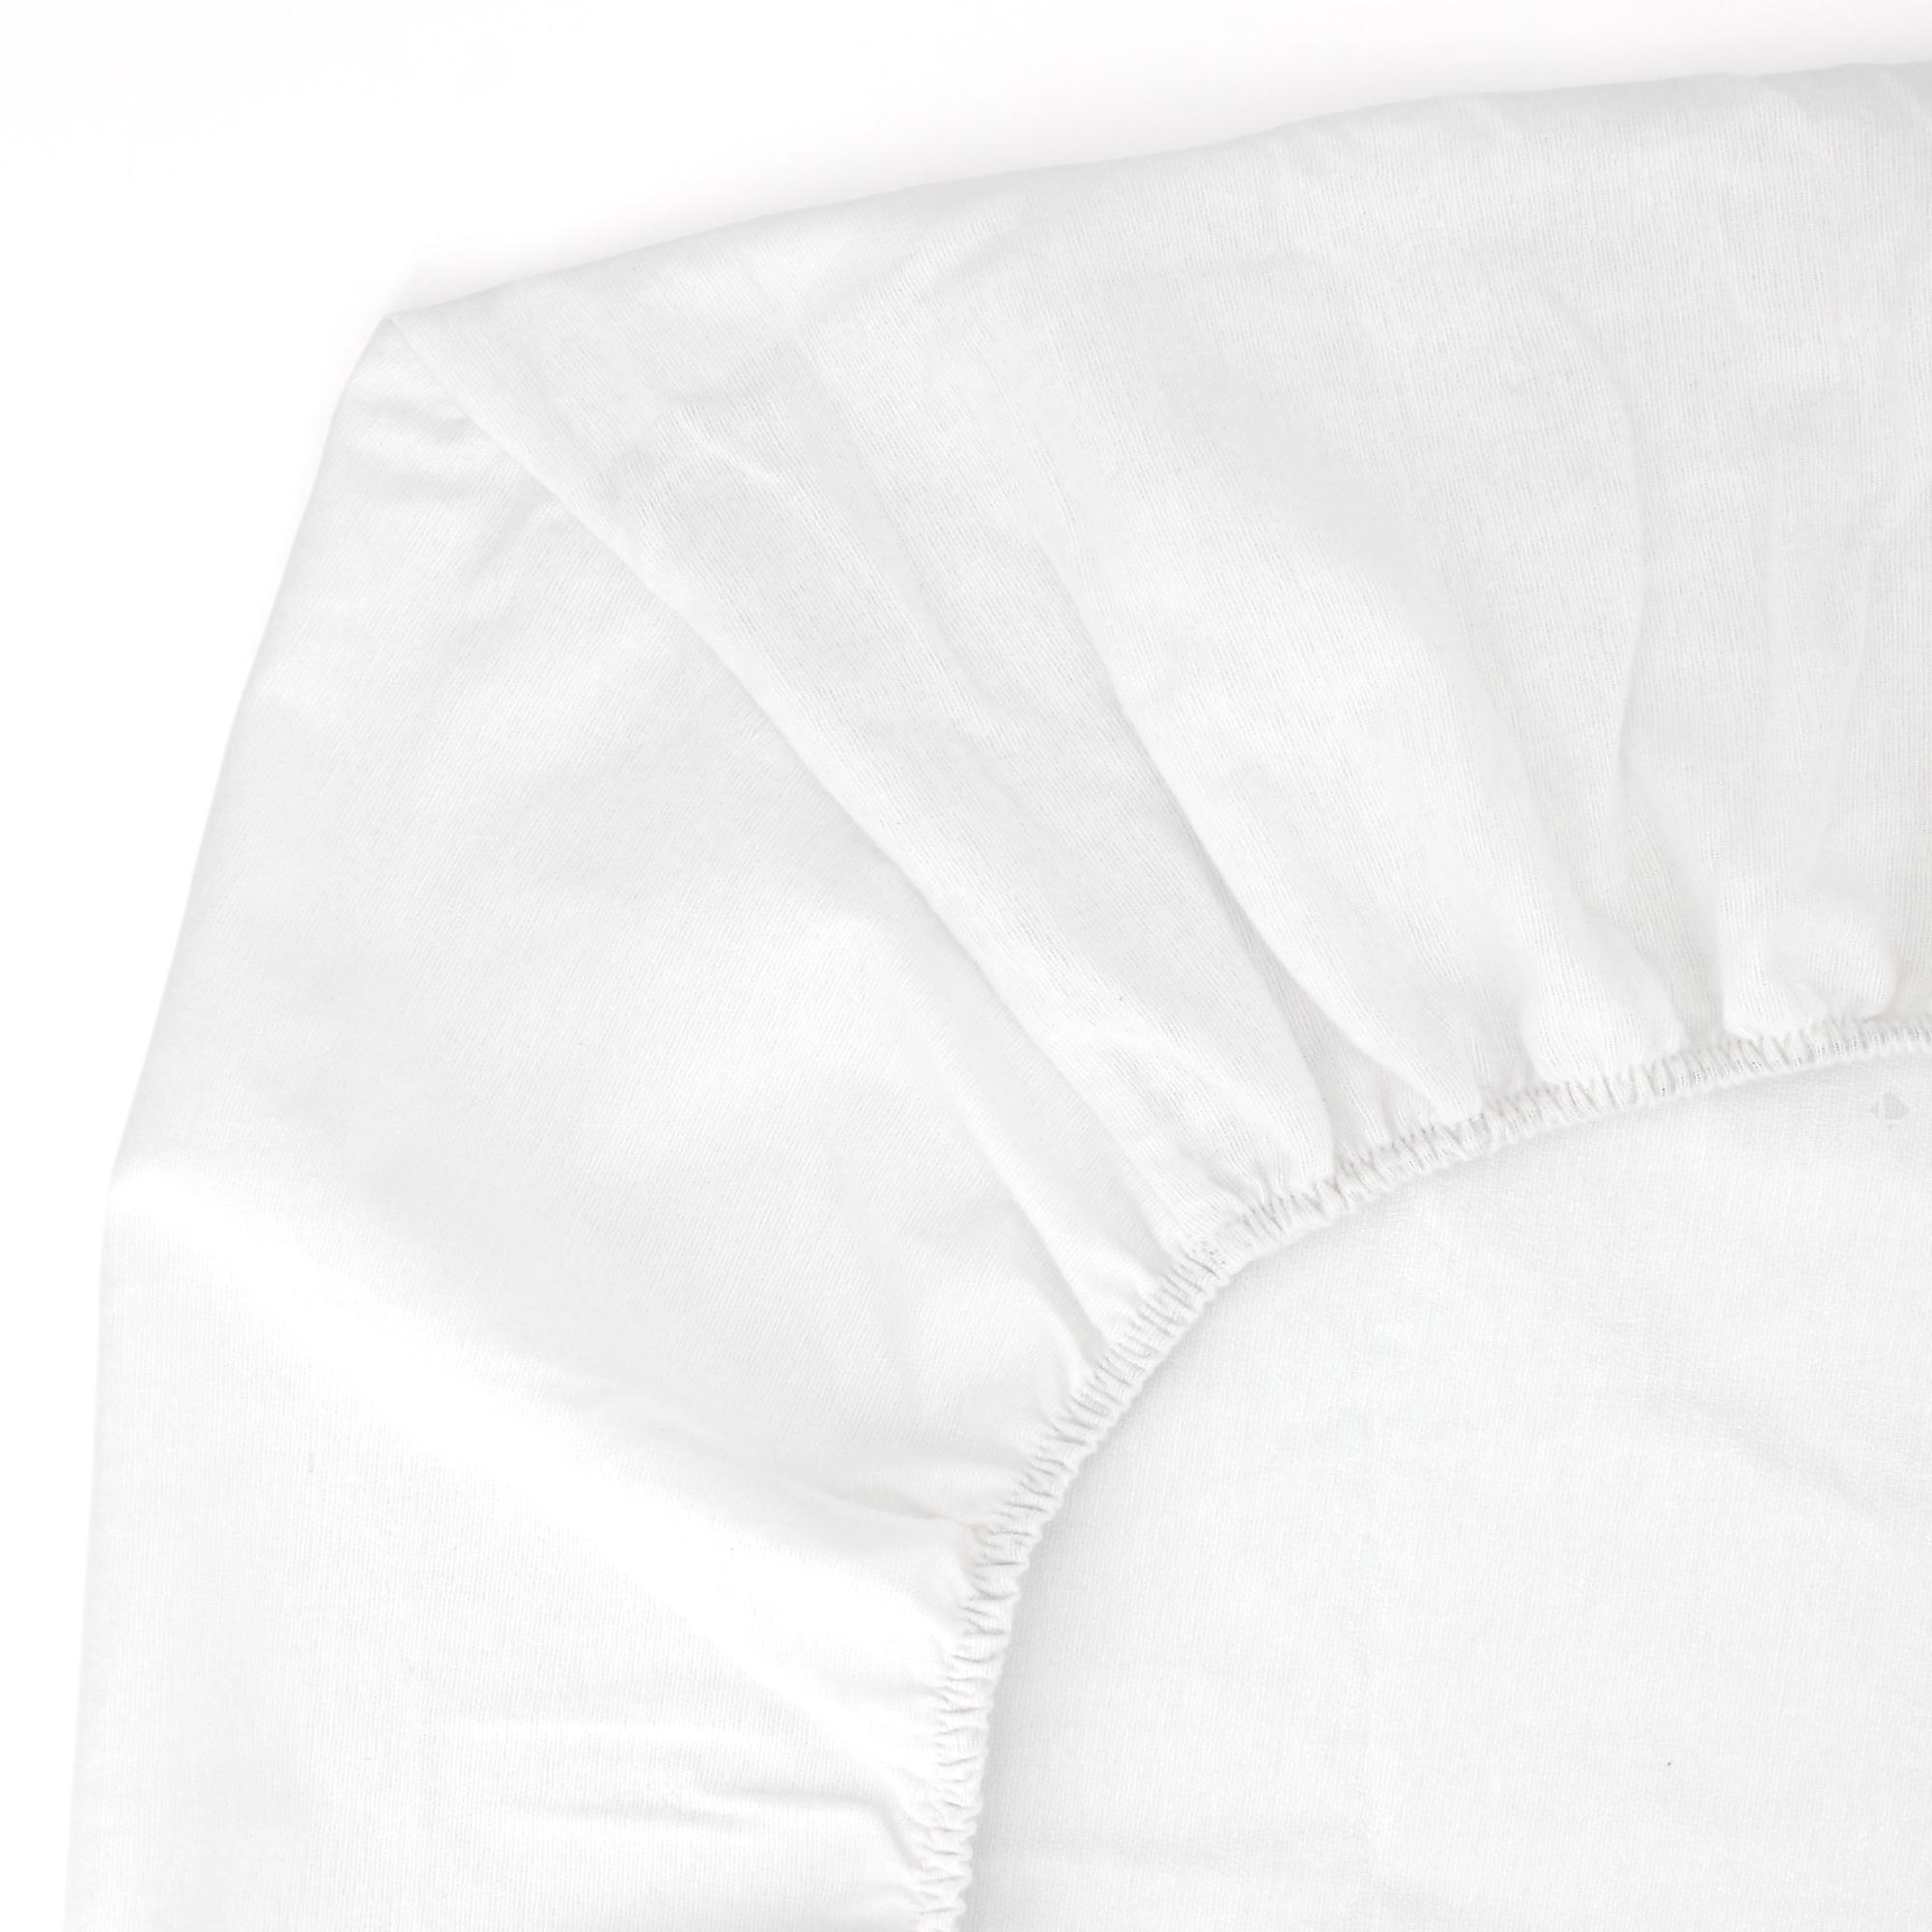 prot ge matelas imperm able 190x200 cm bonnet 23cm arnon molleton 100 coton contrecoll. Black Bedroom Furniture Sets. Home Design Ideas